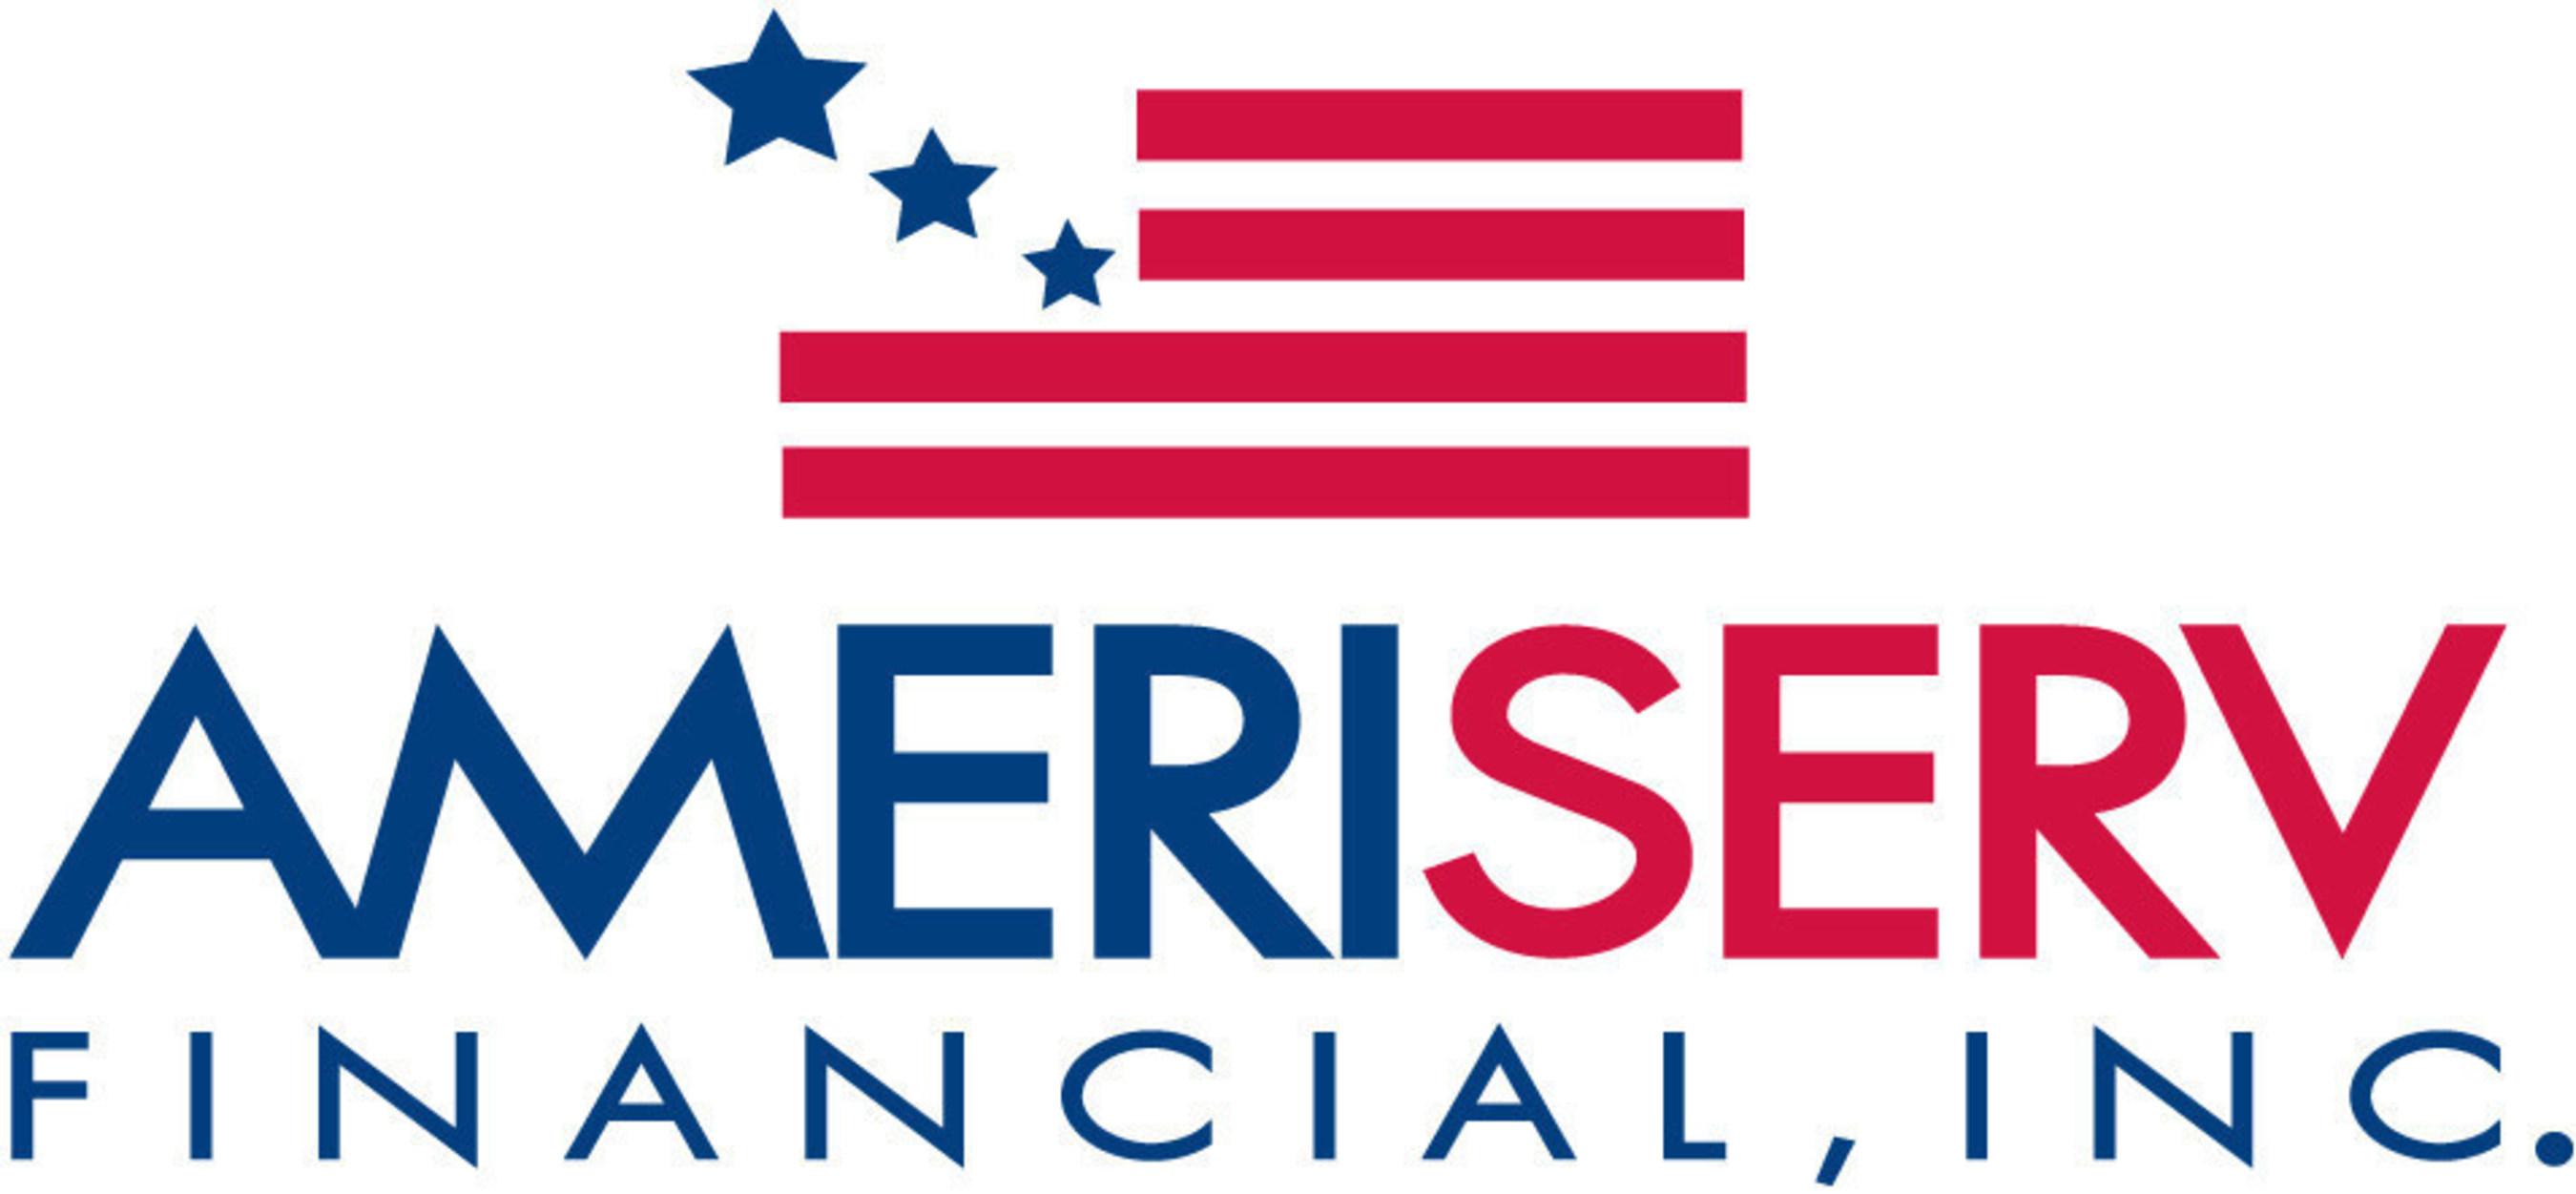 AmeriServ Financial, Inc. logo